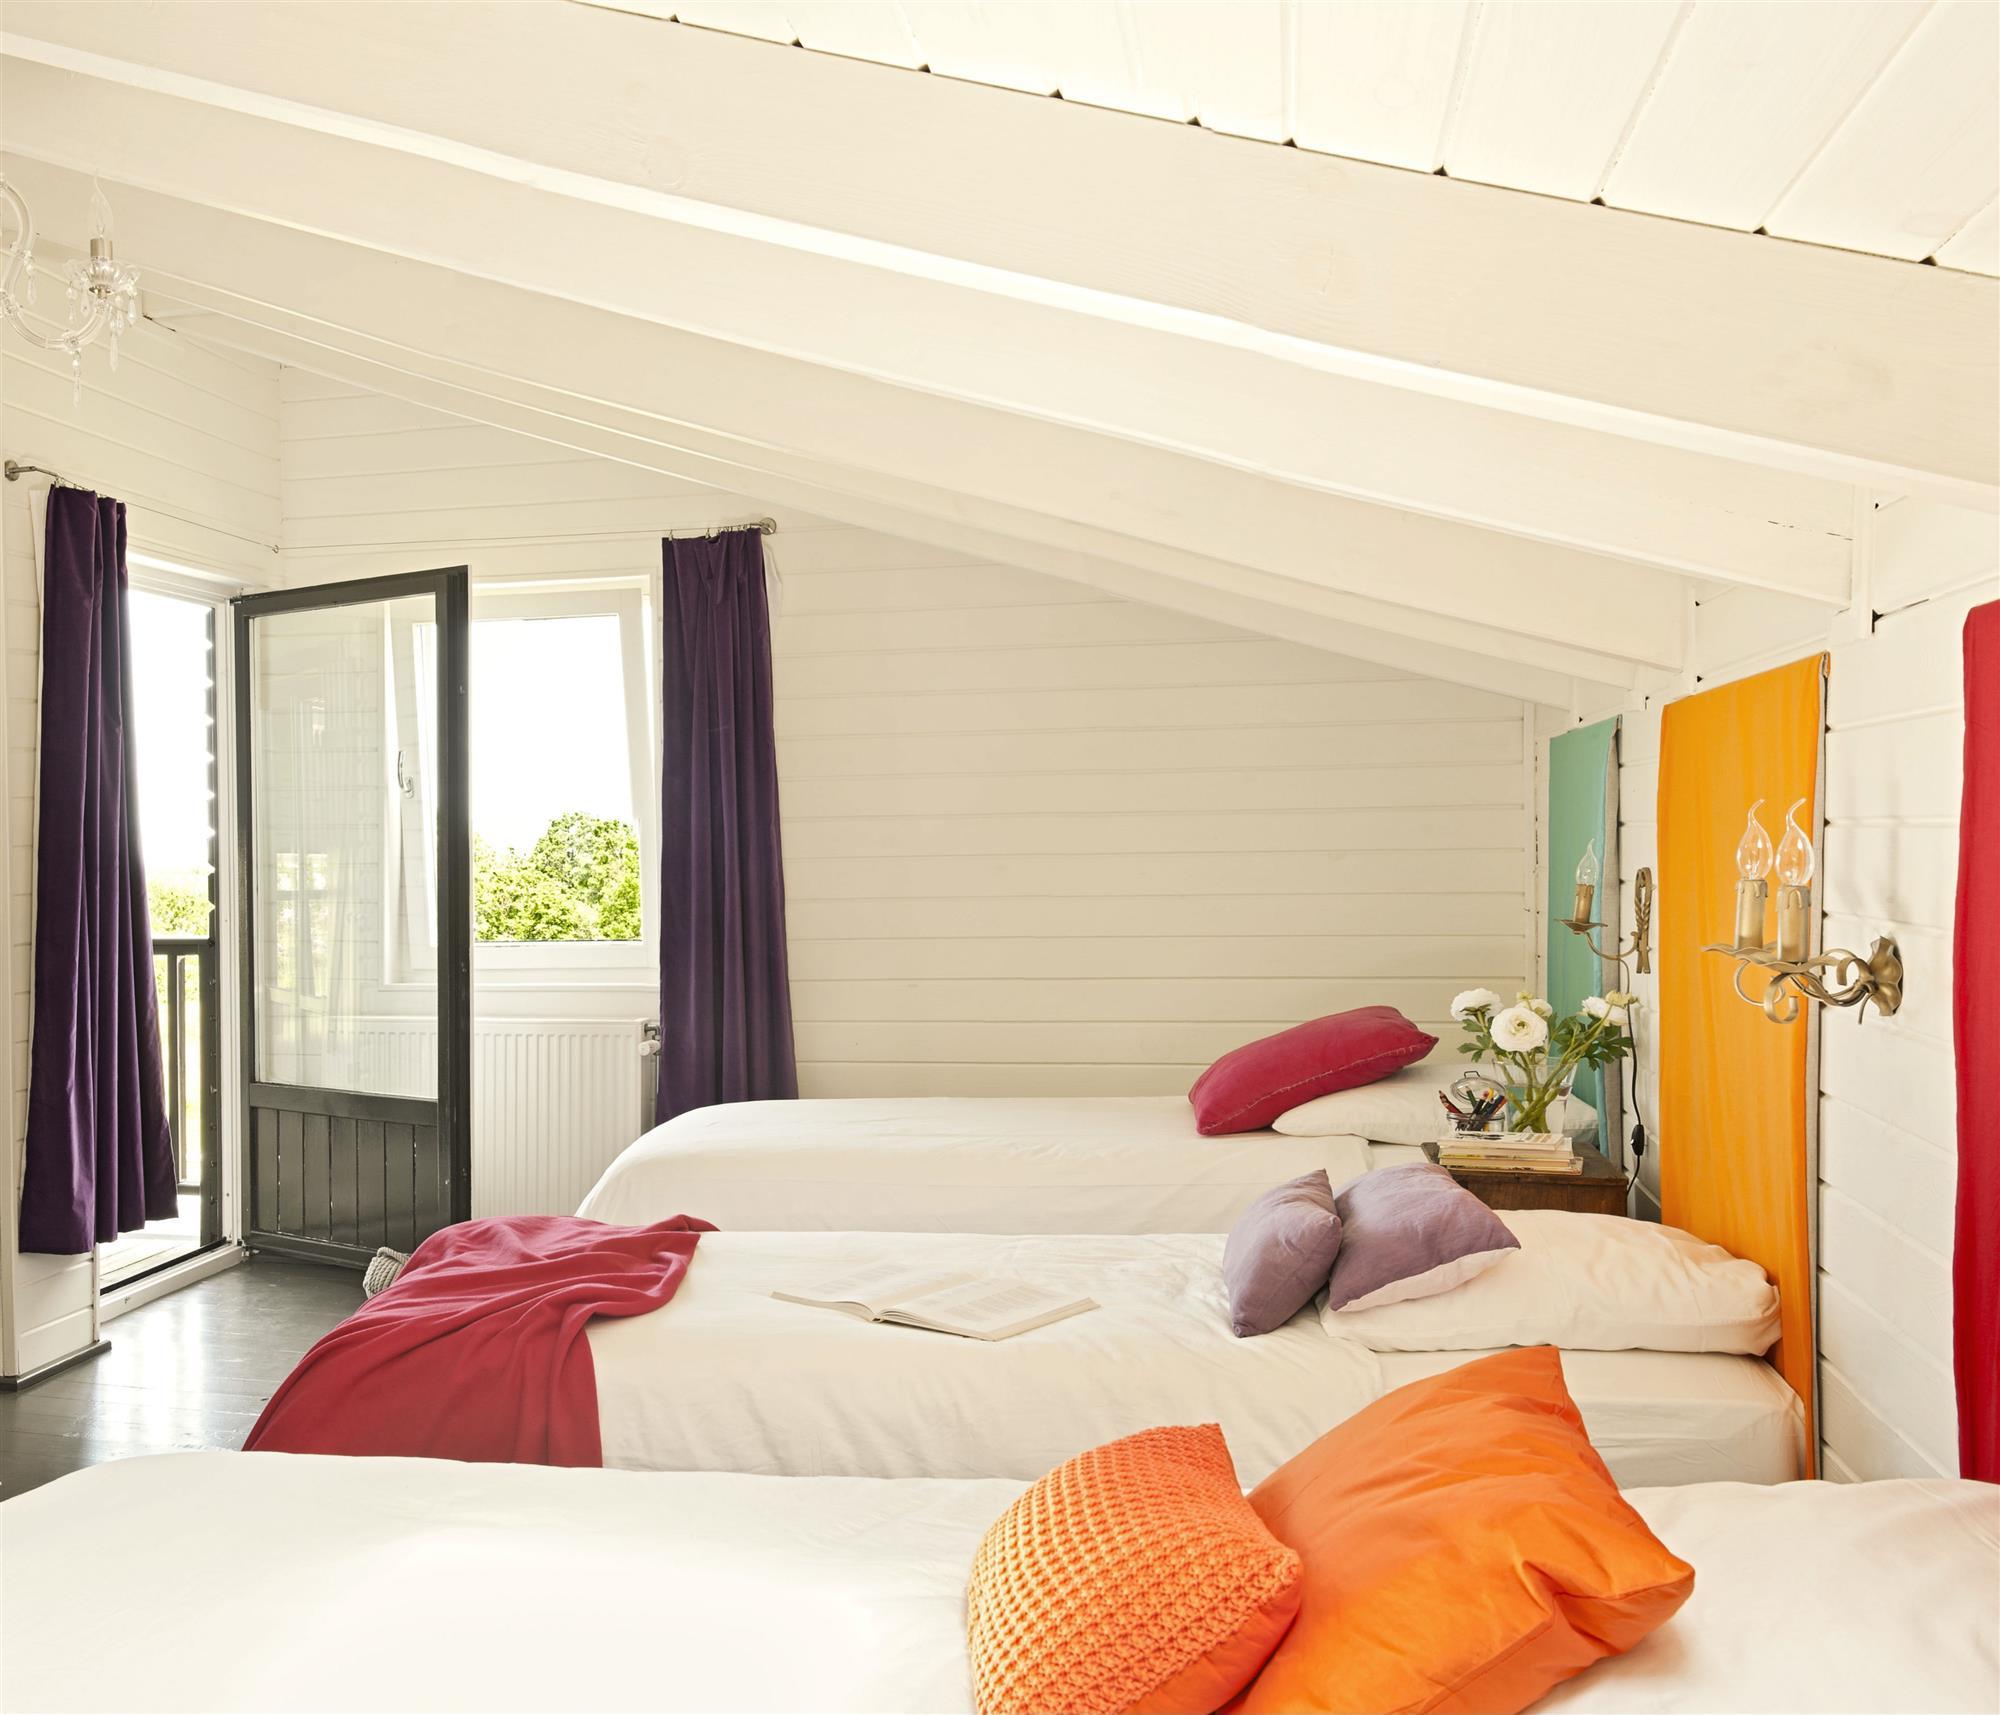 Color naranja el mueble - Cortinas habitacion juvenil ...